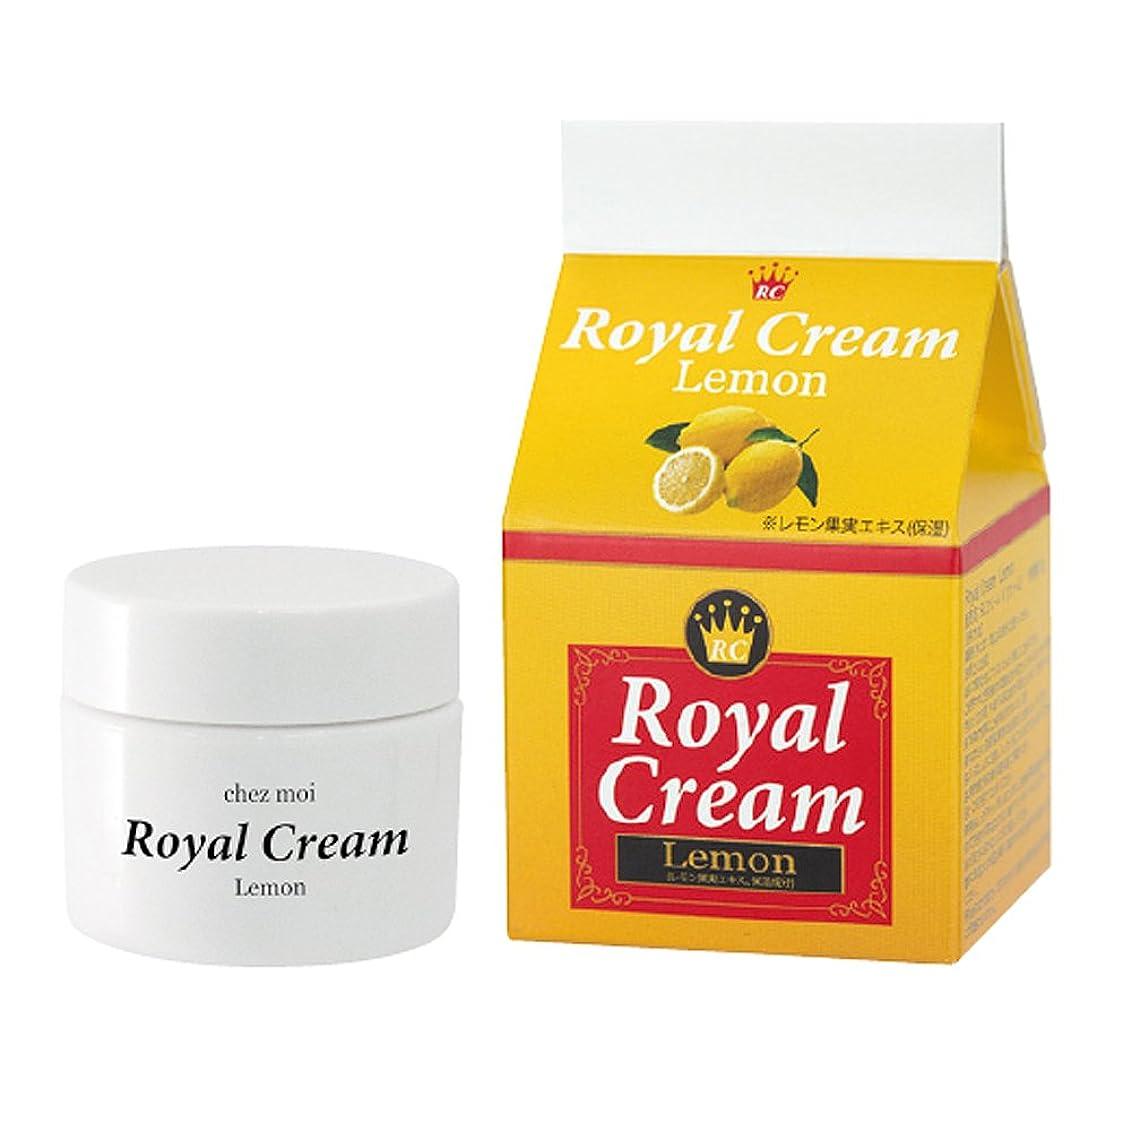 抵抗する楽な特異性シェモア Royal Cream Lemon(ロイヤルクリームレモン) 30g